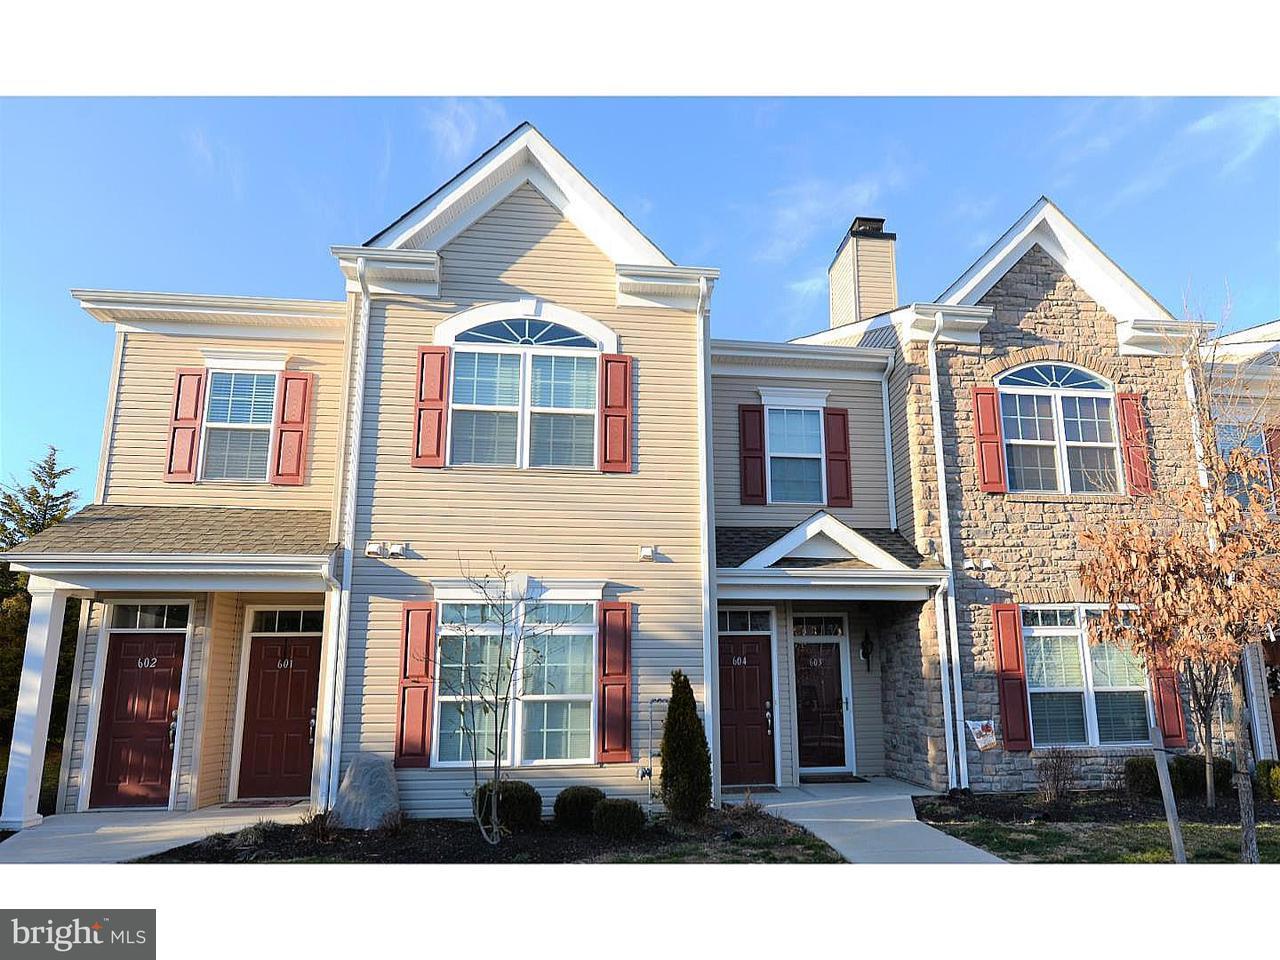 Casa Unifamiliar por un Alquiler en 604 VAN GOGH Court Williamstown, Nueva Jersey 08094 Estados UnidosEn/Alrededor: Monroe Township